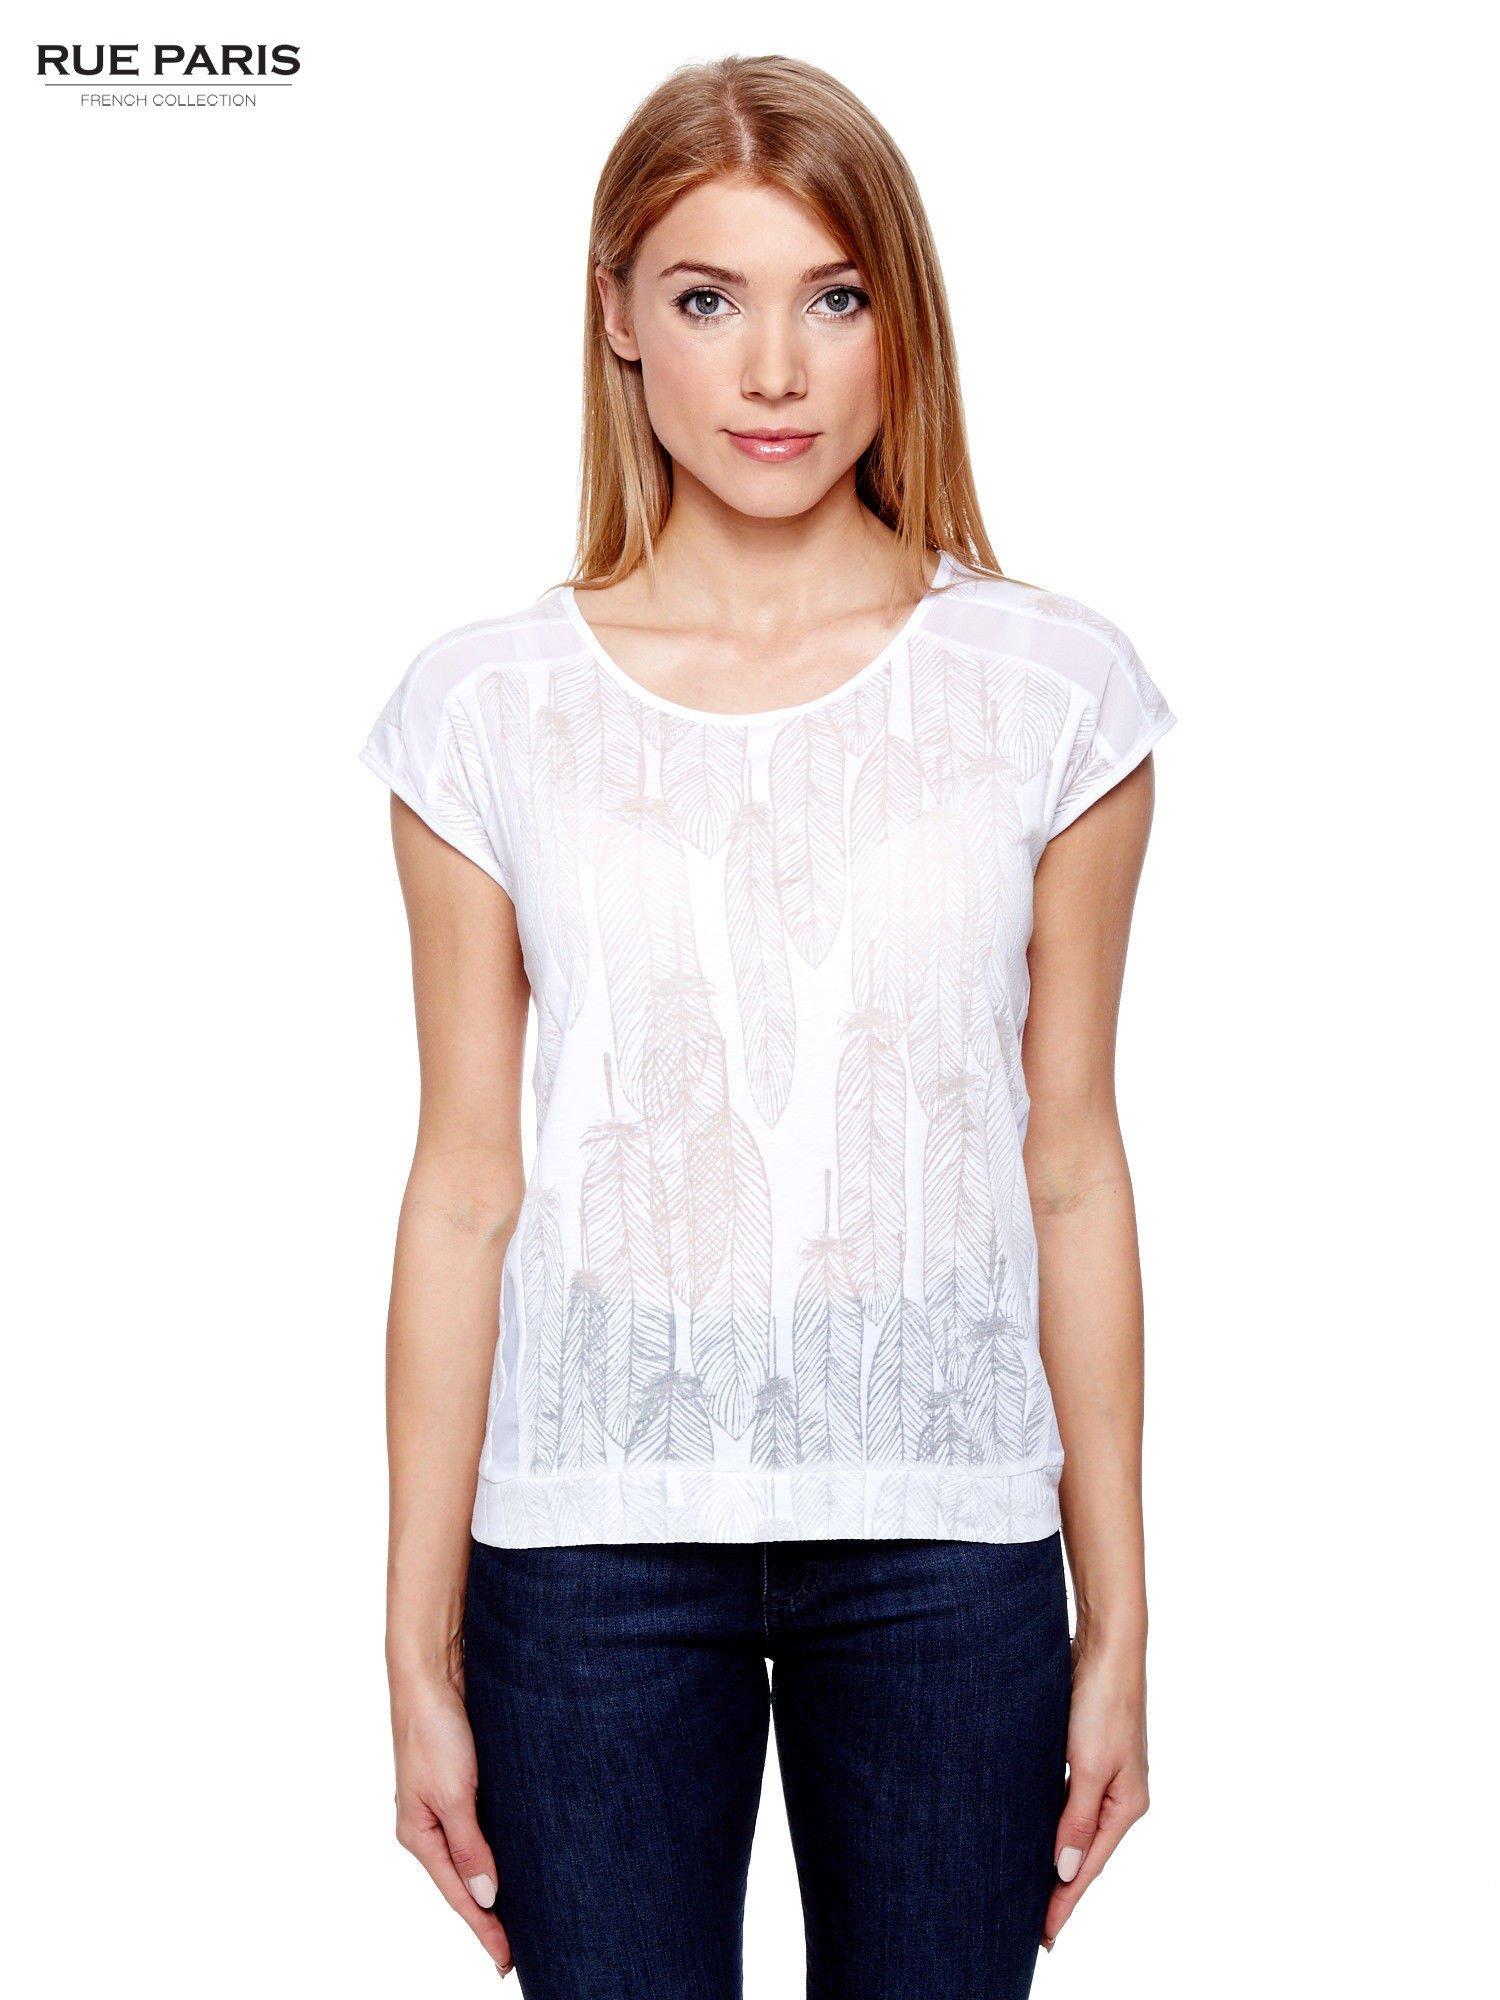 Biały t-shirt z transparentnym nadrukiem piór                                  zdj.                                  1